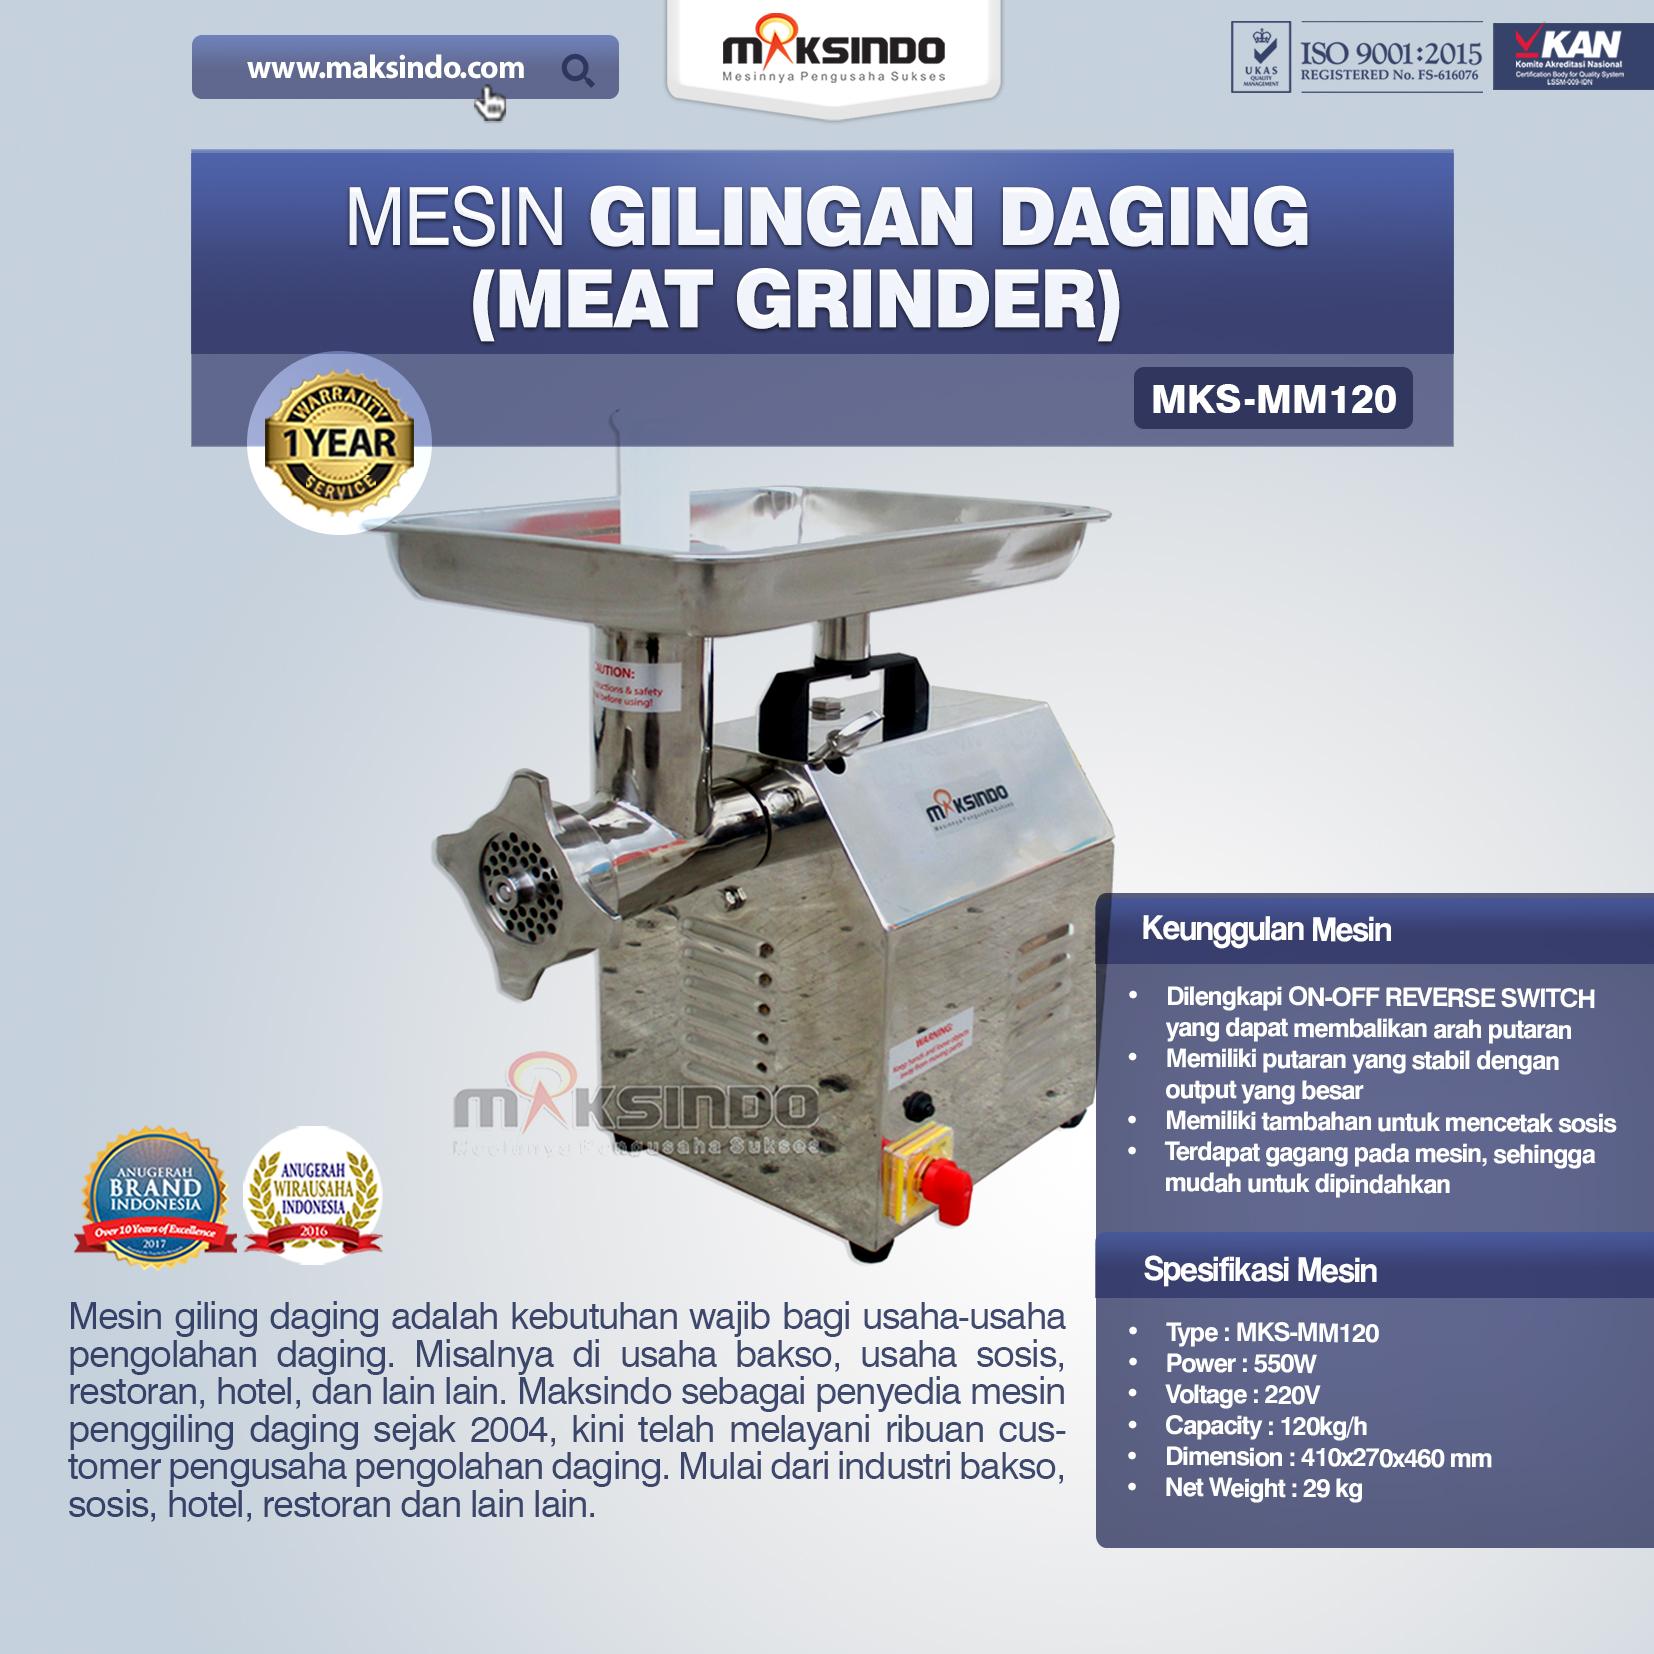 Jual Mesin Giling Daging (Meat Grinder) MKS-MM120 di Tangerang